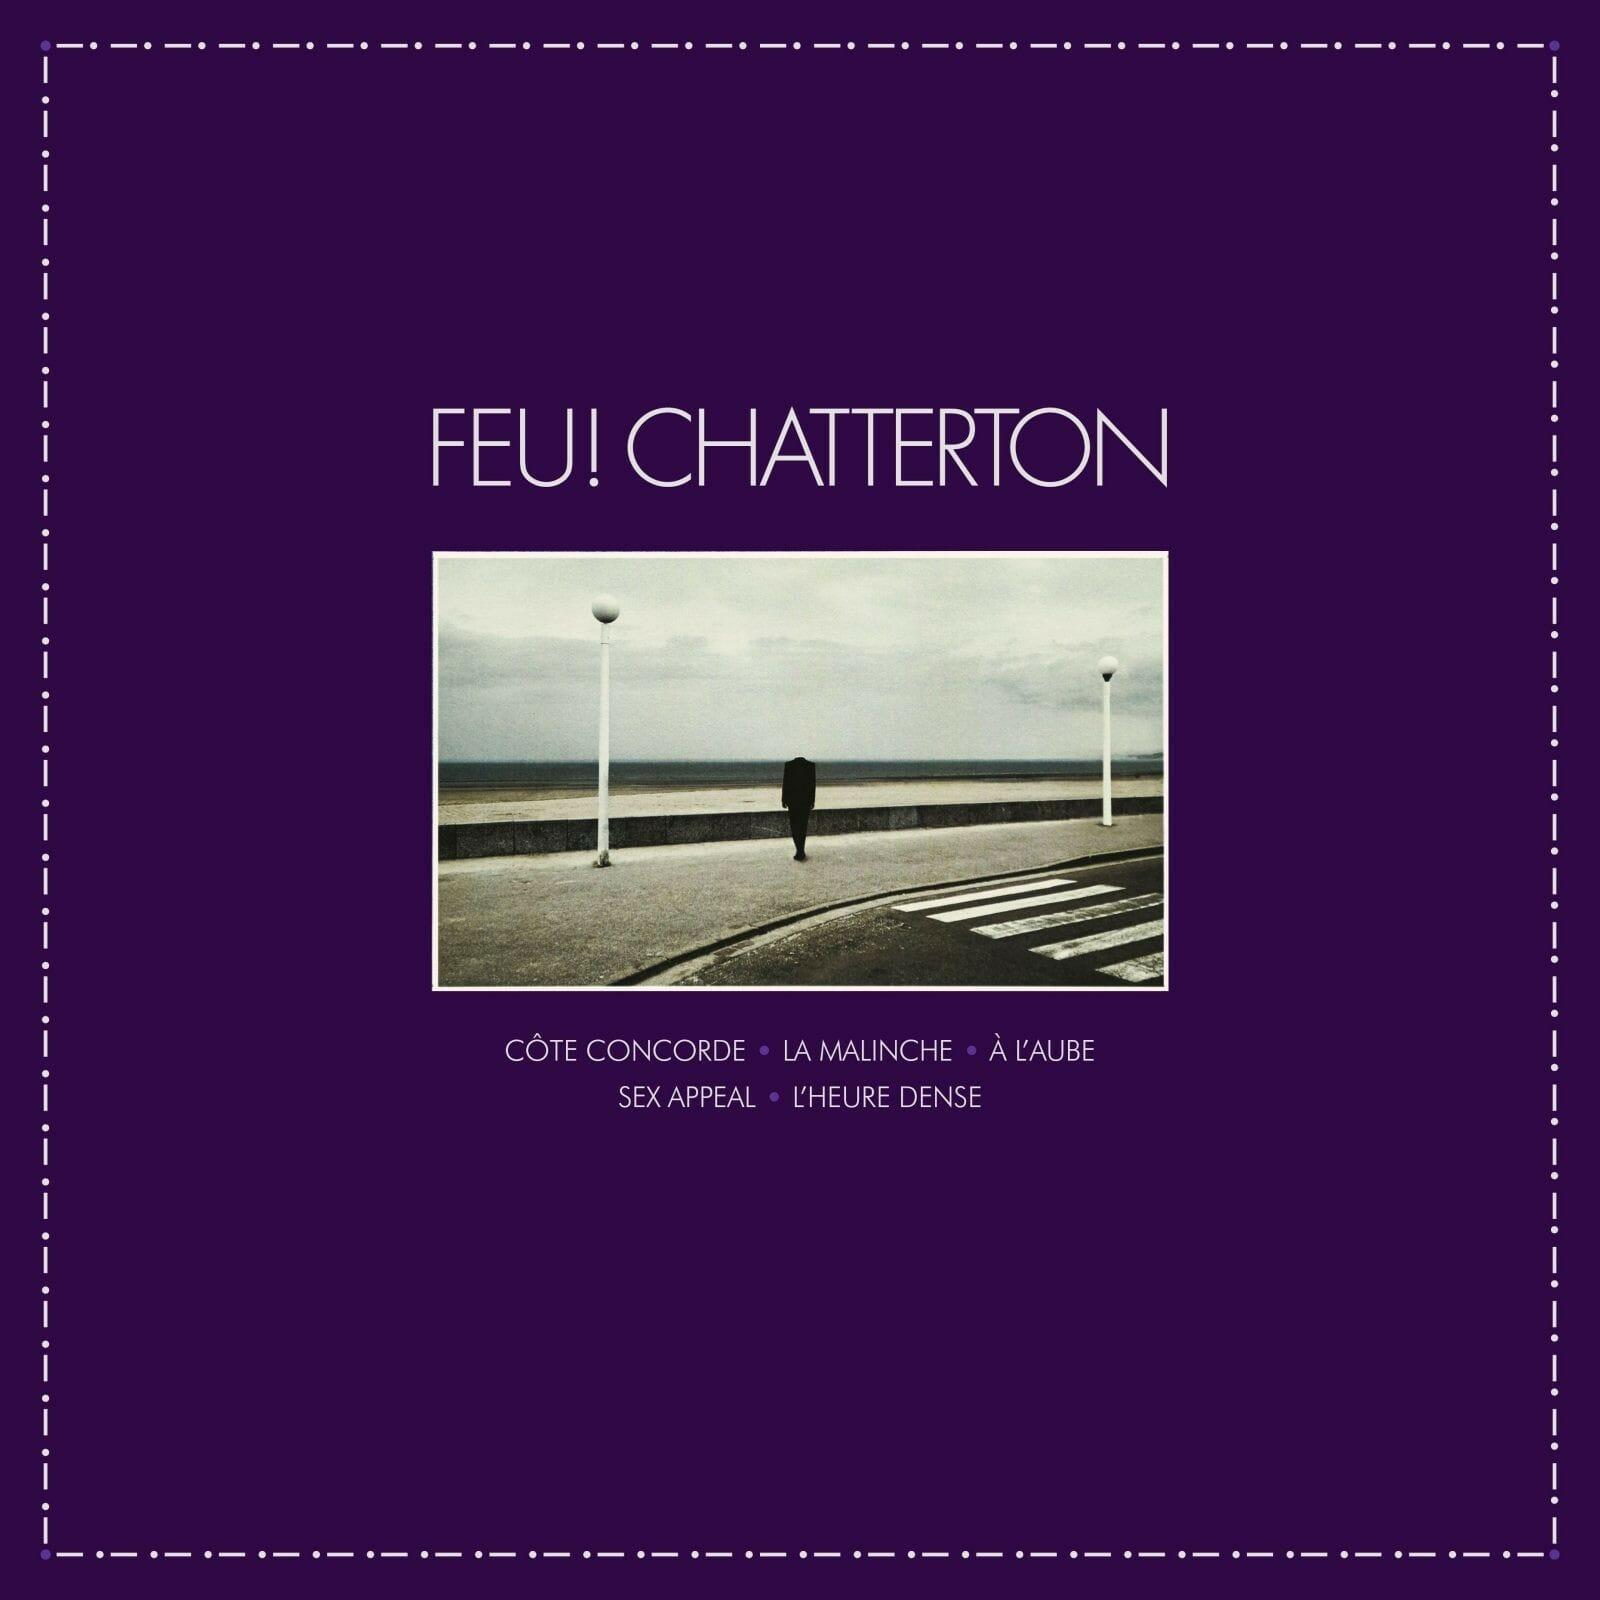 Feu! Chatterton, coup de semonce dans la pop Francaise 1